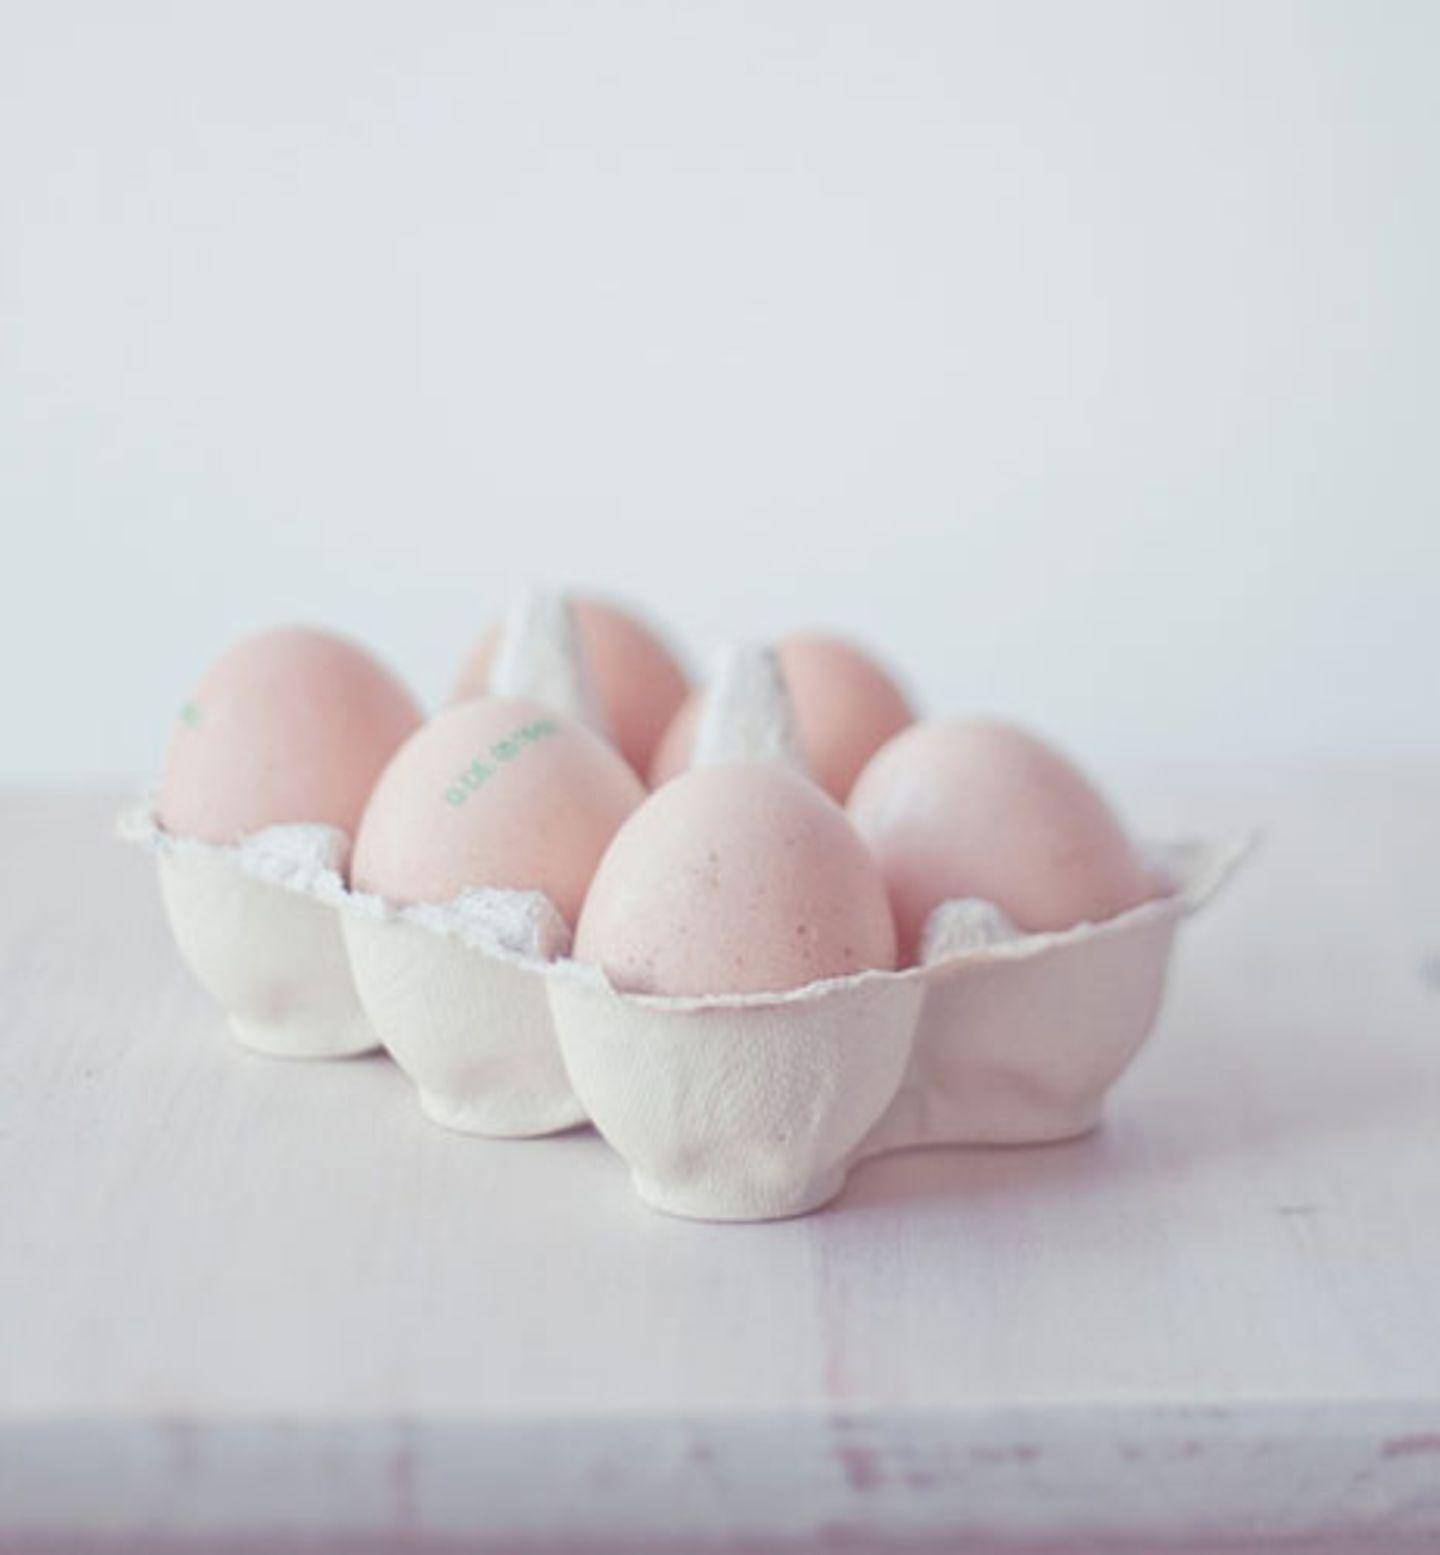 5. Ein Ei als Haarkur - hilft das?